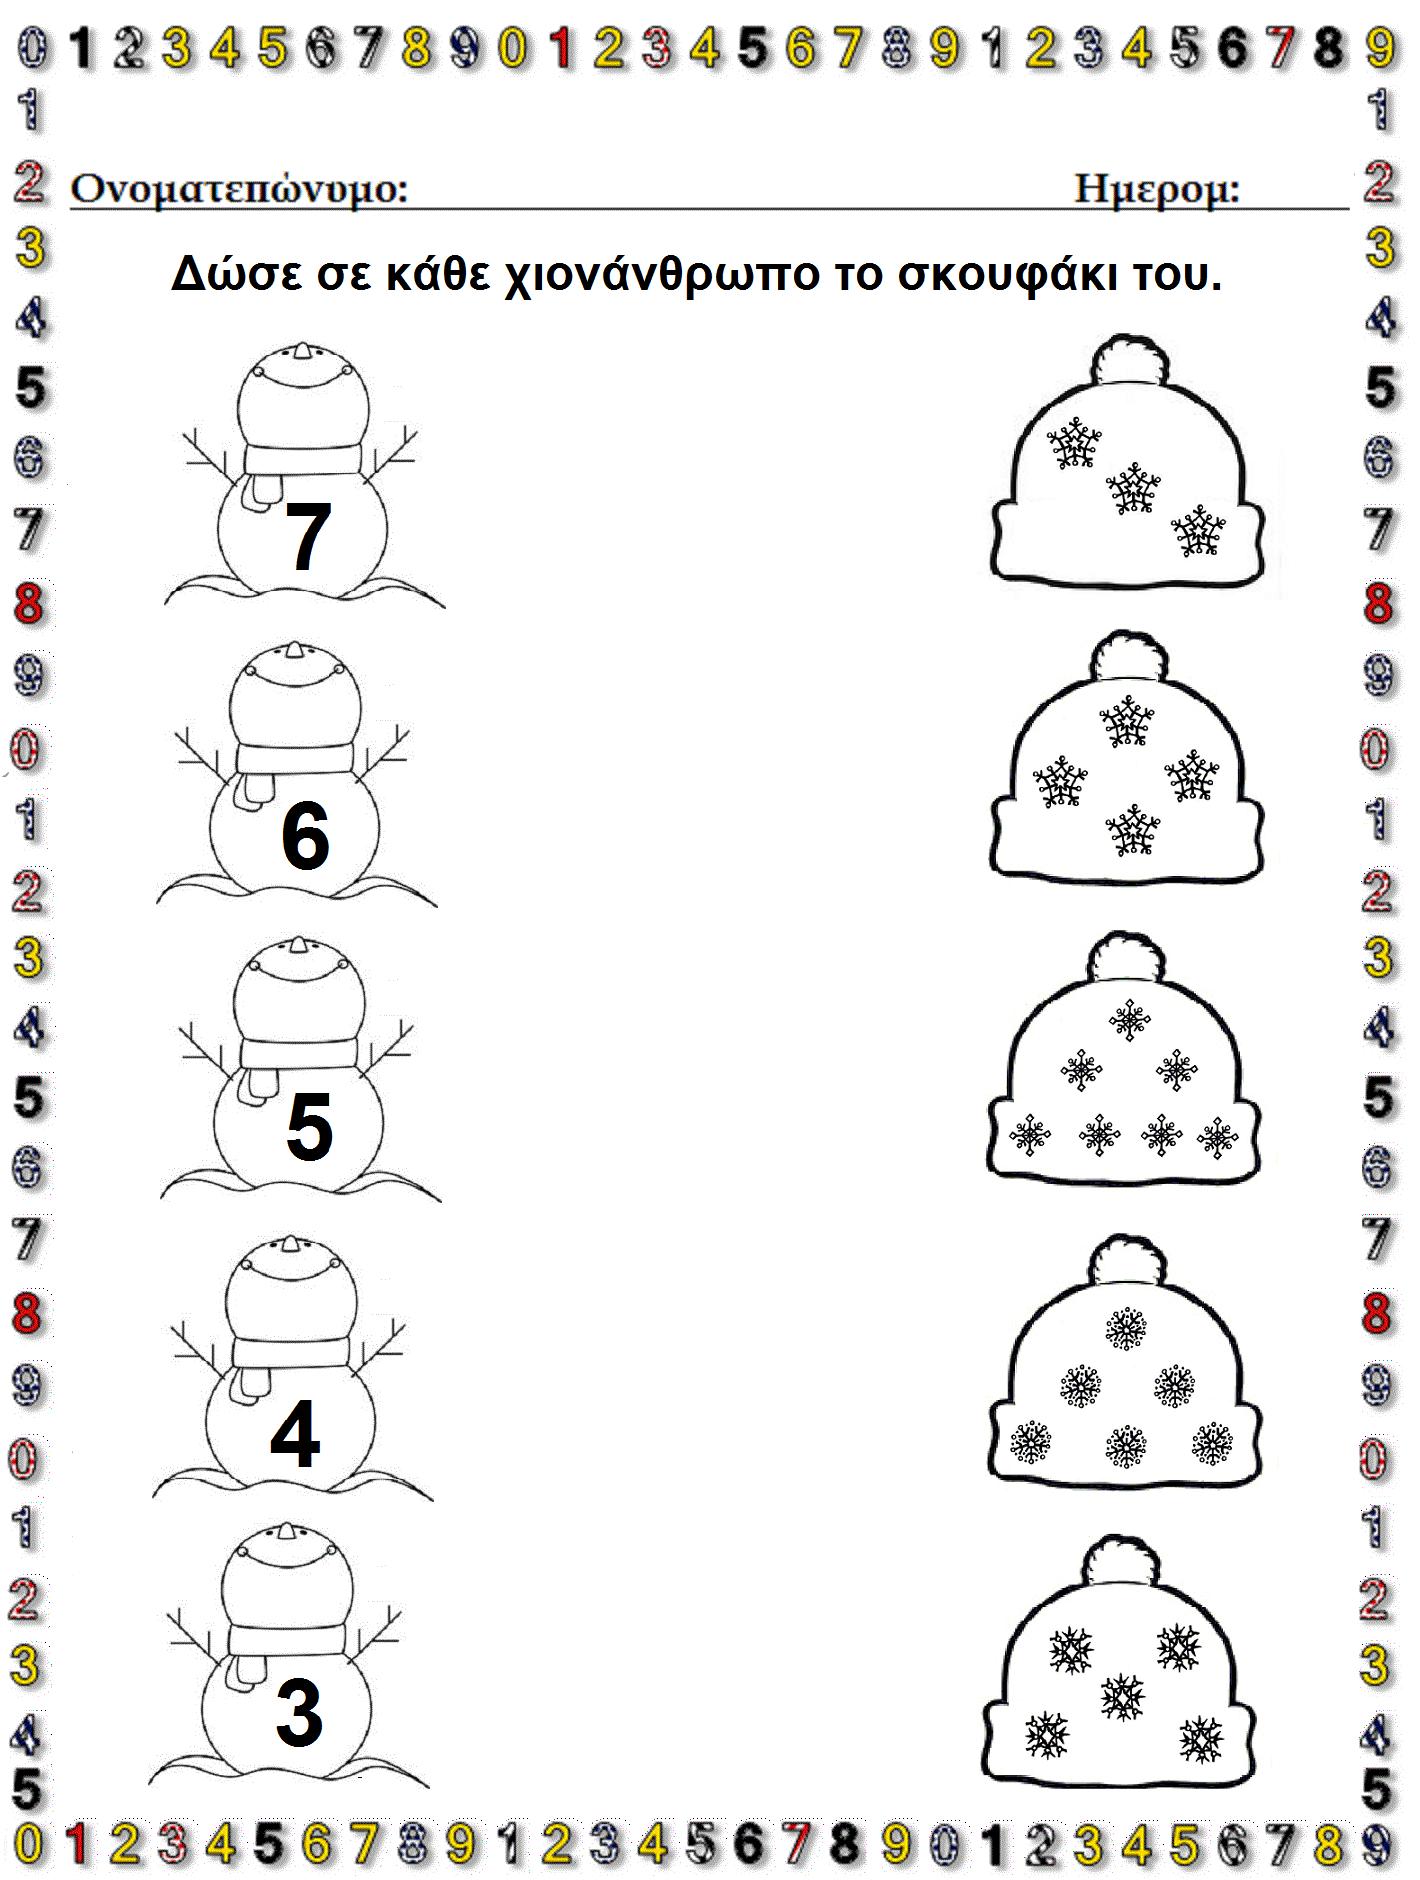 Pin By Radka Biskova On Xeimwnas Winter Worksheets Winter Activities Preschool Winter Kindergarten Winter Preschool [ 1880 x 1420 Pixel ]